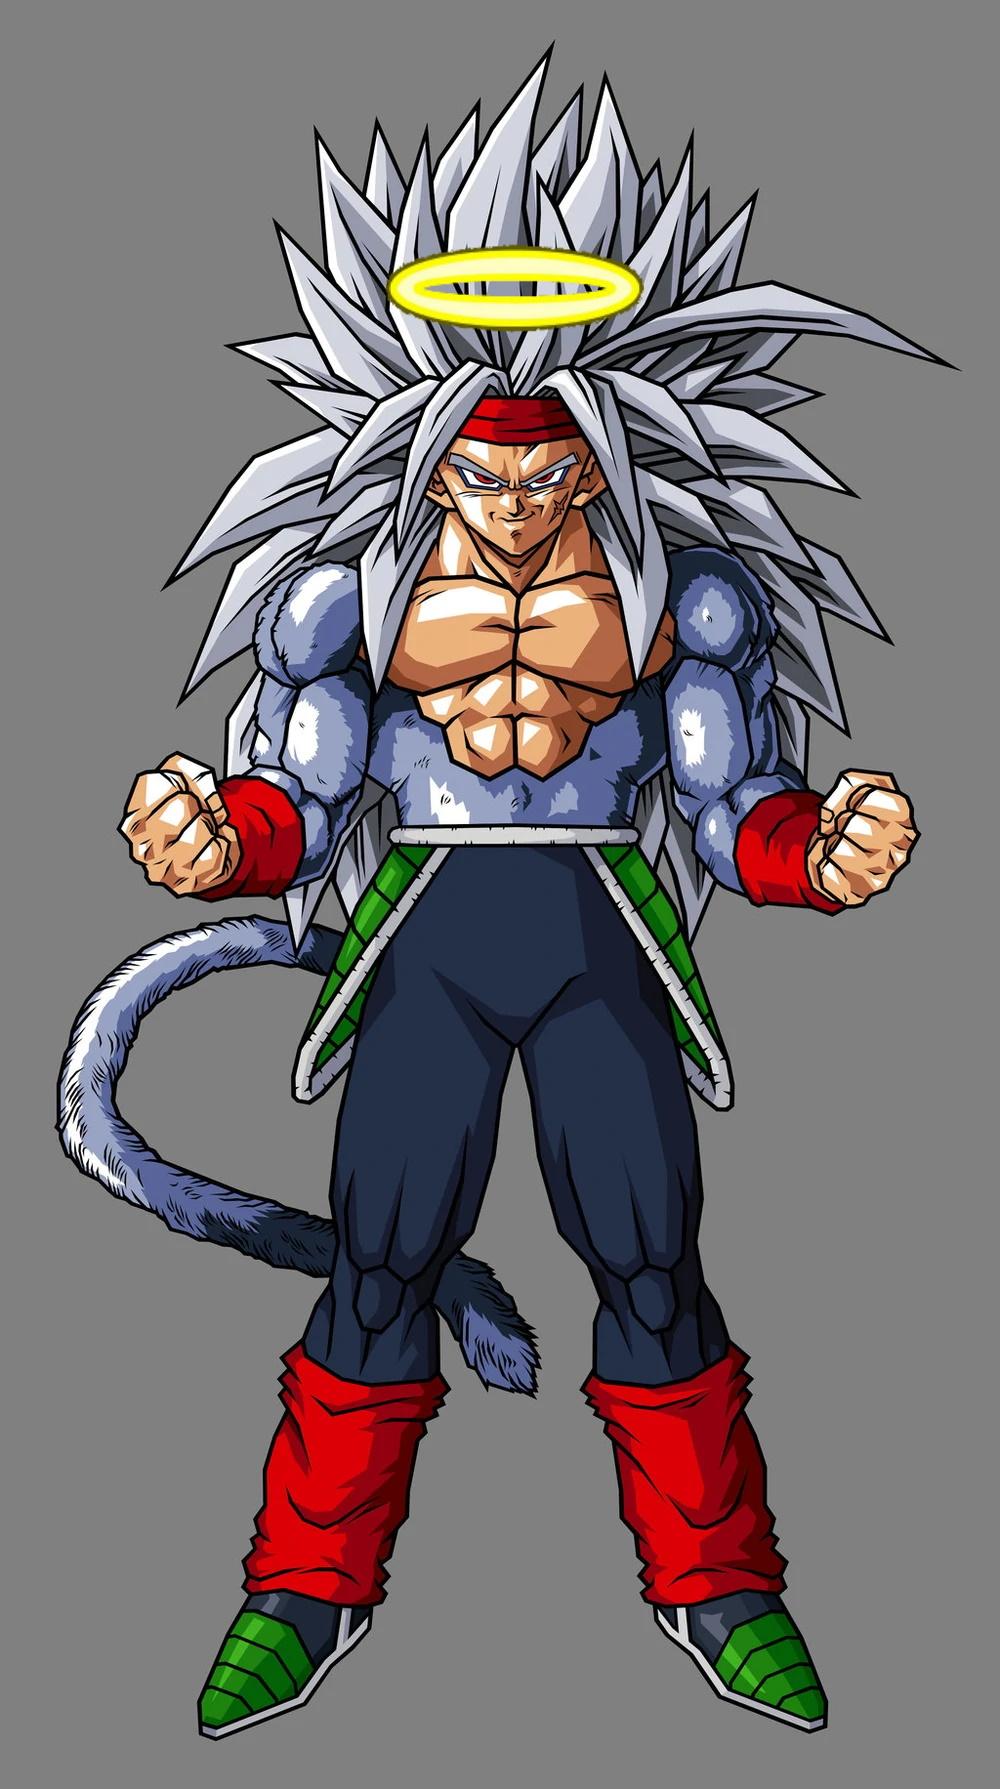 Super saiyan 5 xz dragonball fanon wiki - Goku super sayan 5 ...